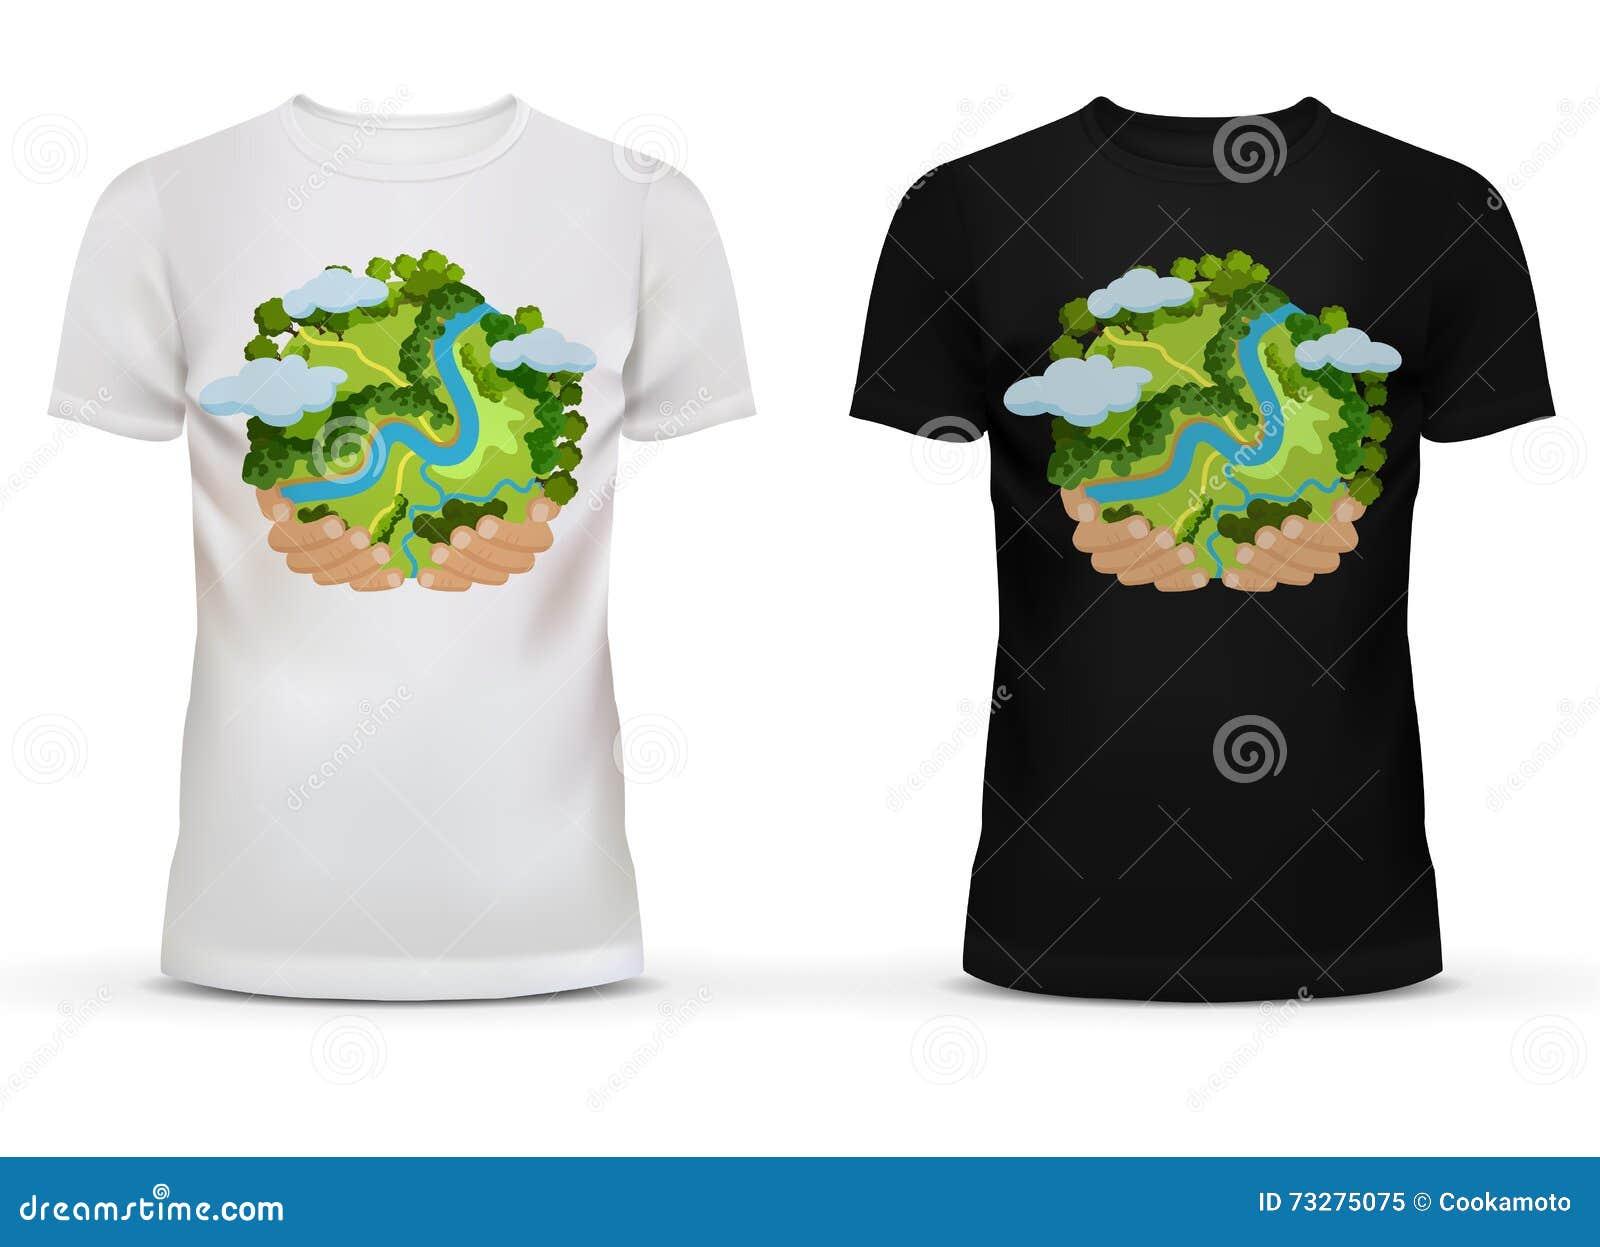 bb6cdceb9fcf Γραπτή sportswear μπλούζα ατόμων με το κοντό περιλαίμιο μανικιών και  u-λαιμών για τον ενήλικο και τον έφηβο με την τυπωμένη ύλη ή τη διαφήμιση  των χεριών ...